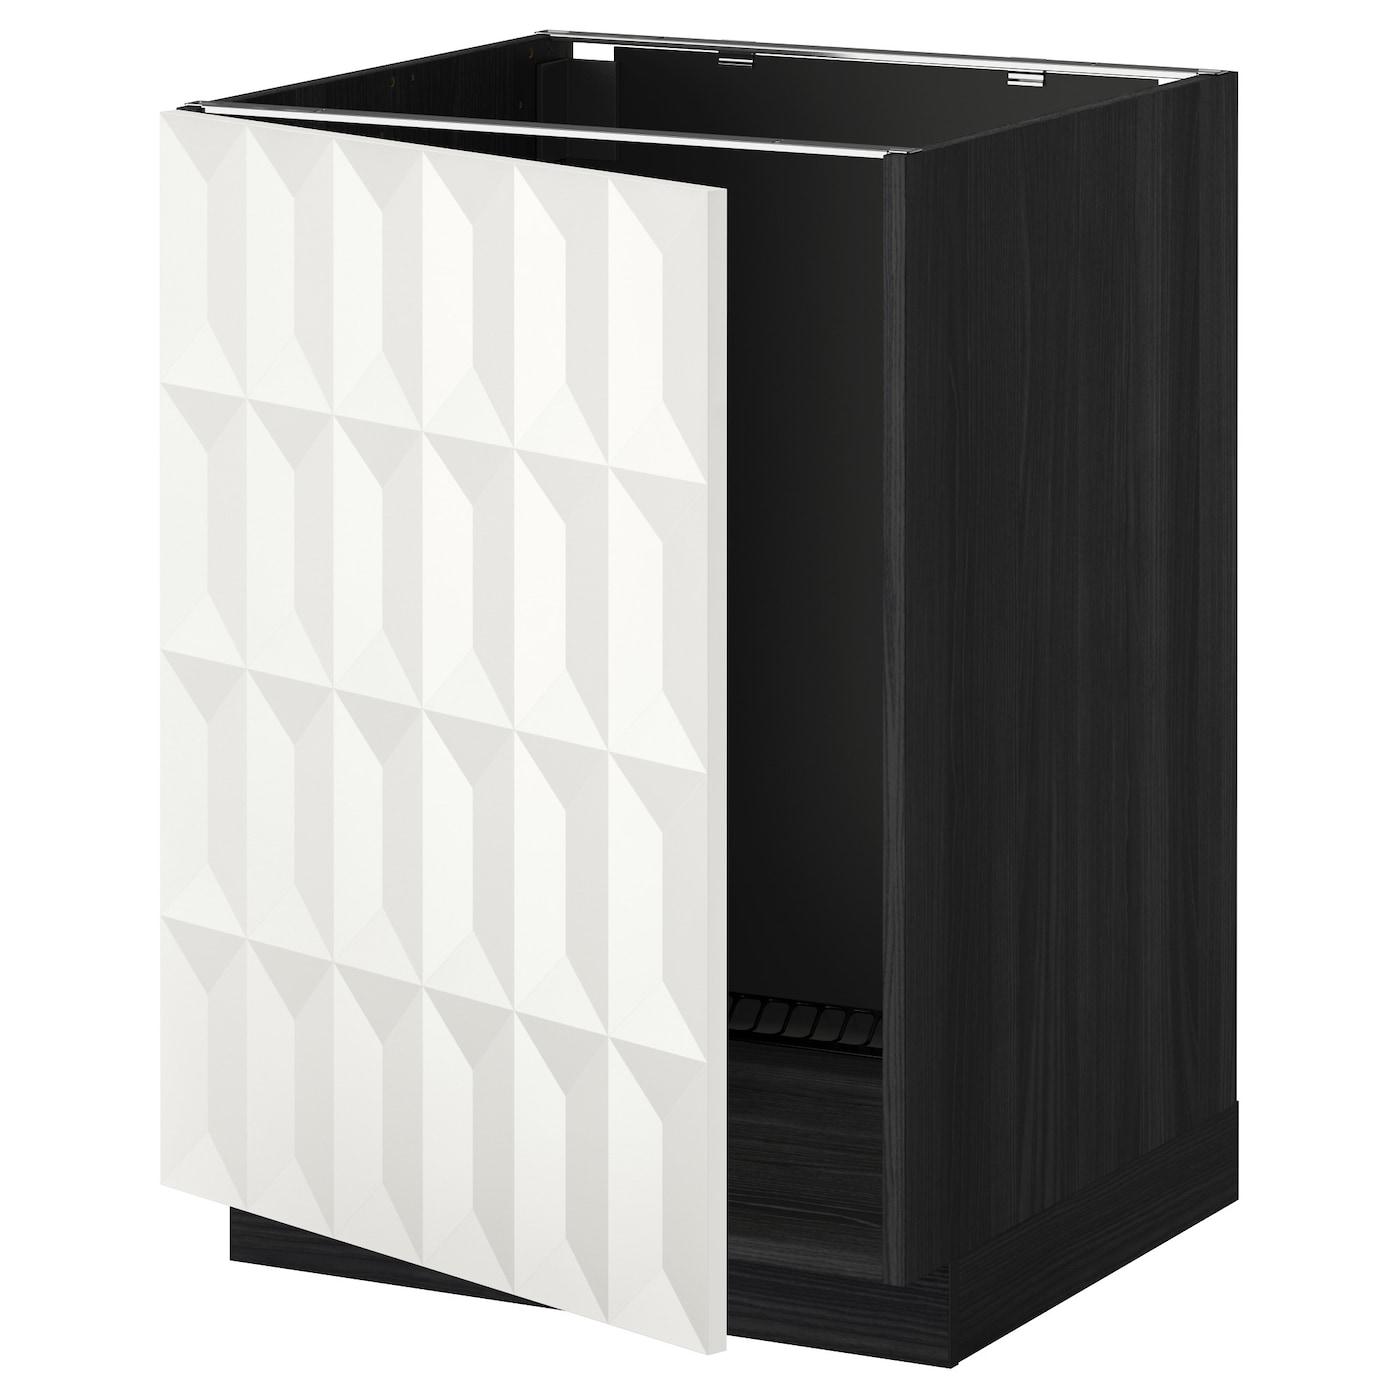 metod base cabinet for sink black herrestad white 60 x 60 cm ikea. Black Bedroom Furniture Sets. Home Design Ideas